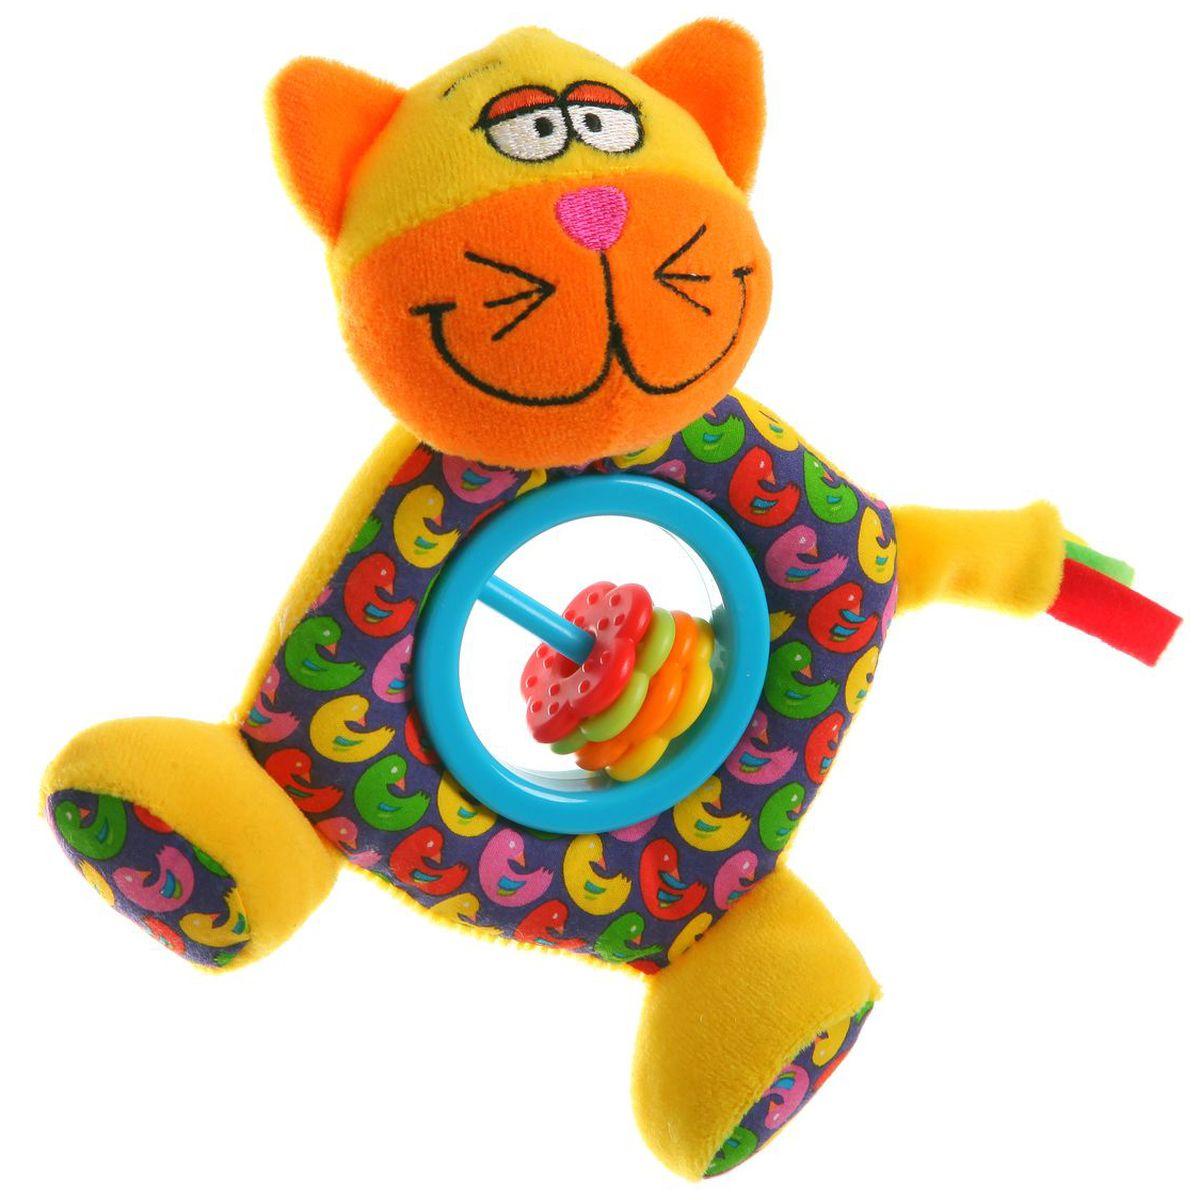 Bondibon Мягкая игрушка-погремушка Кот цвет желтый оранжевый голубой bondibon мягкая игрушка погремушка слоник